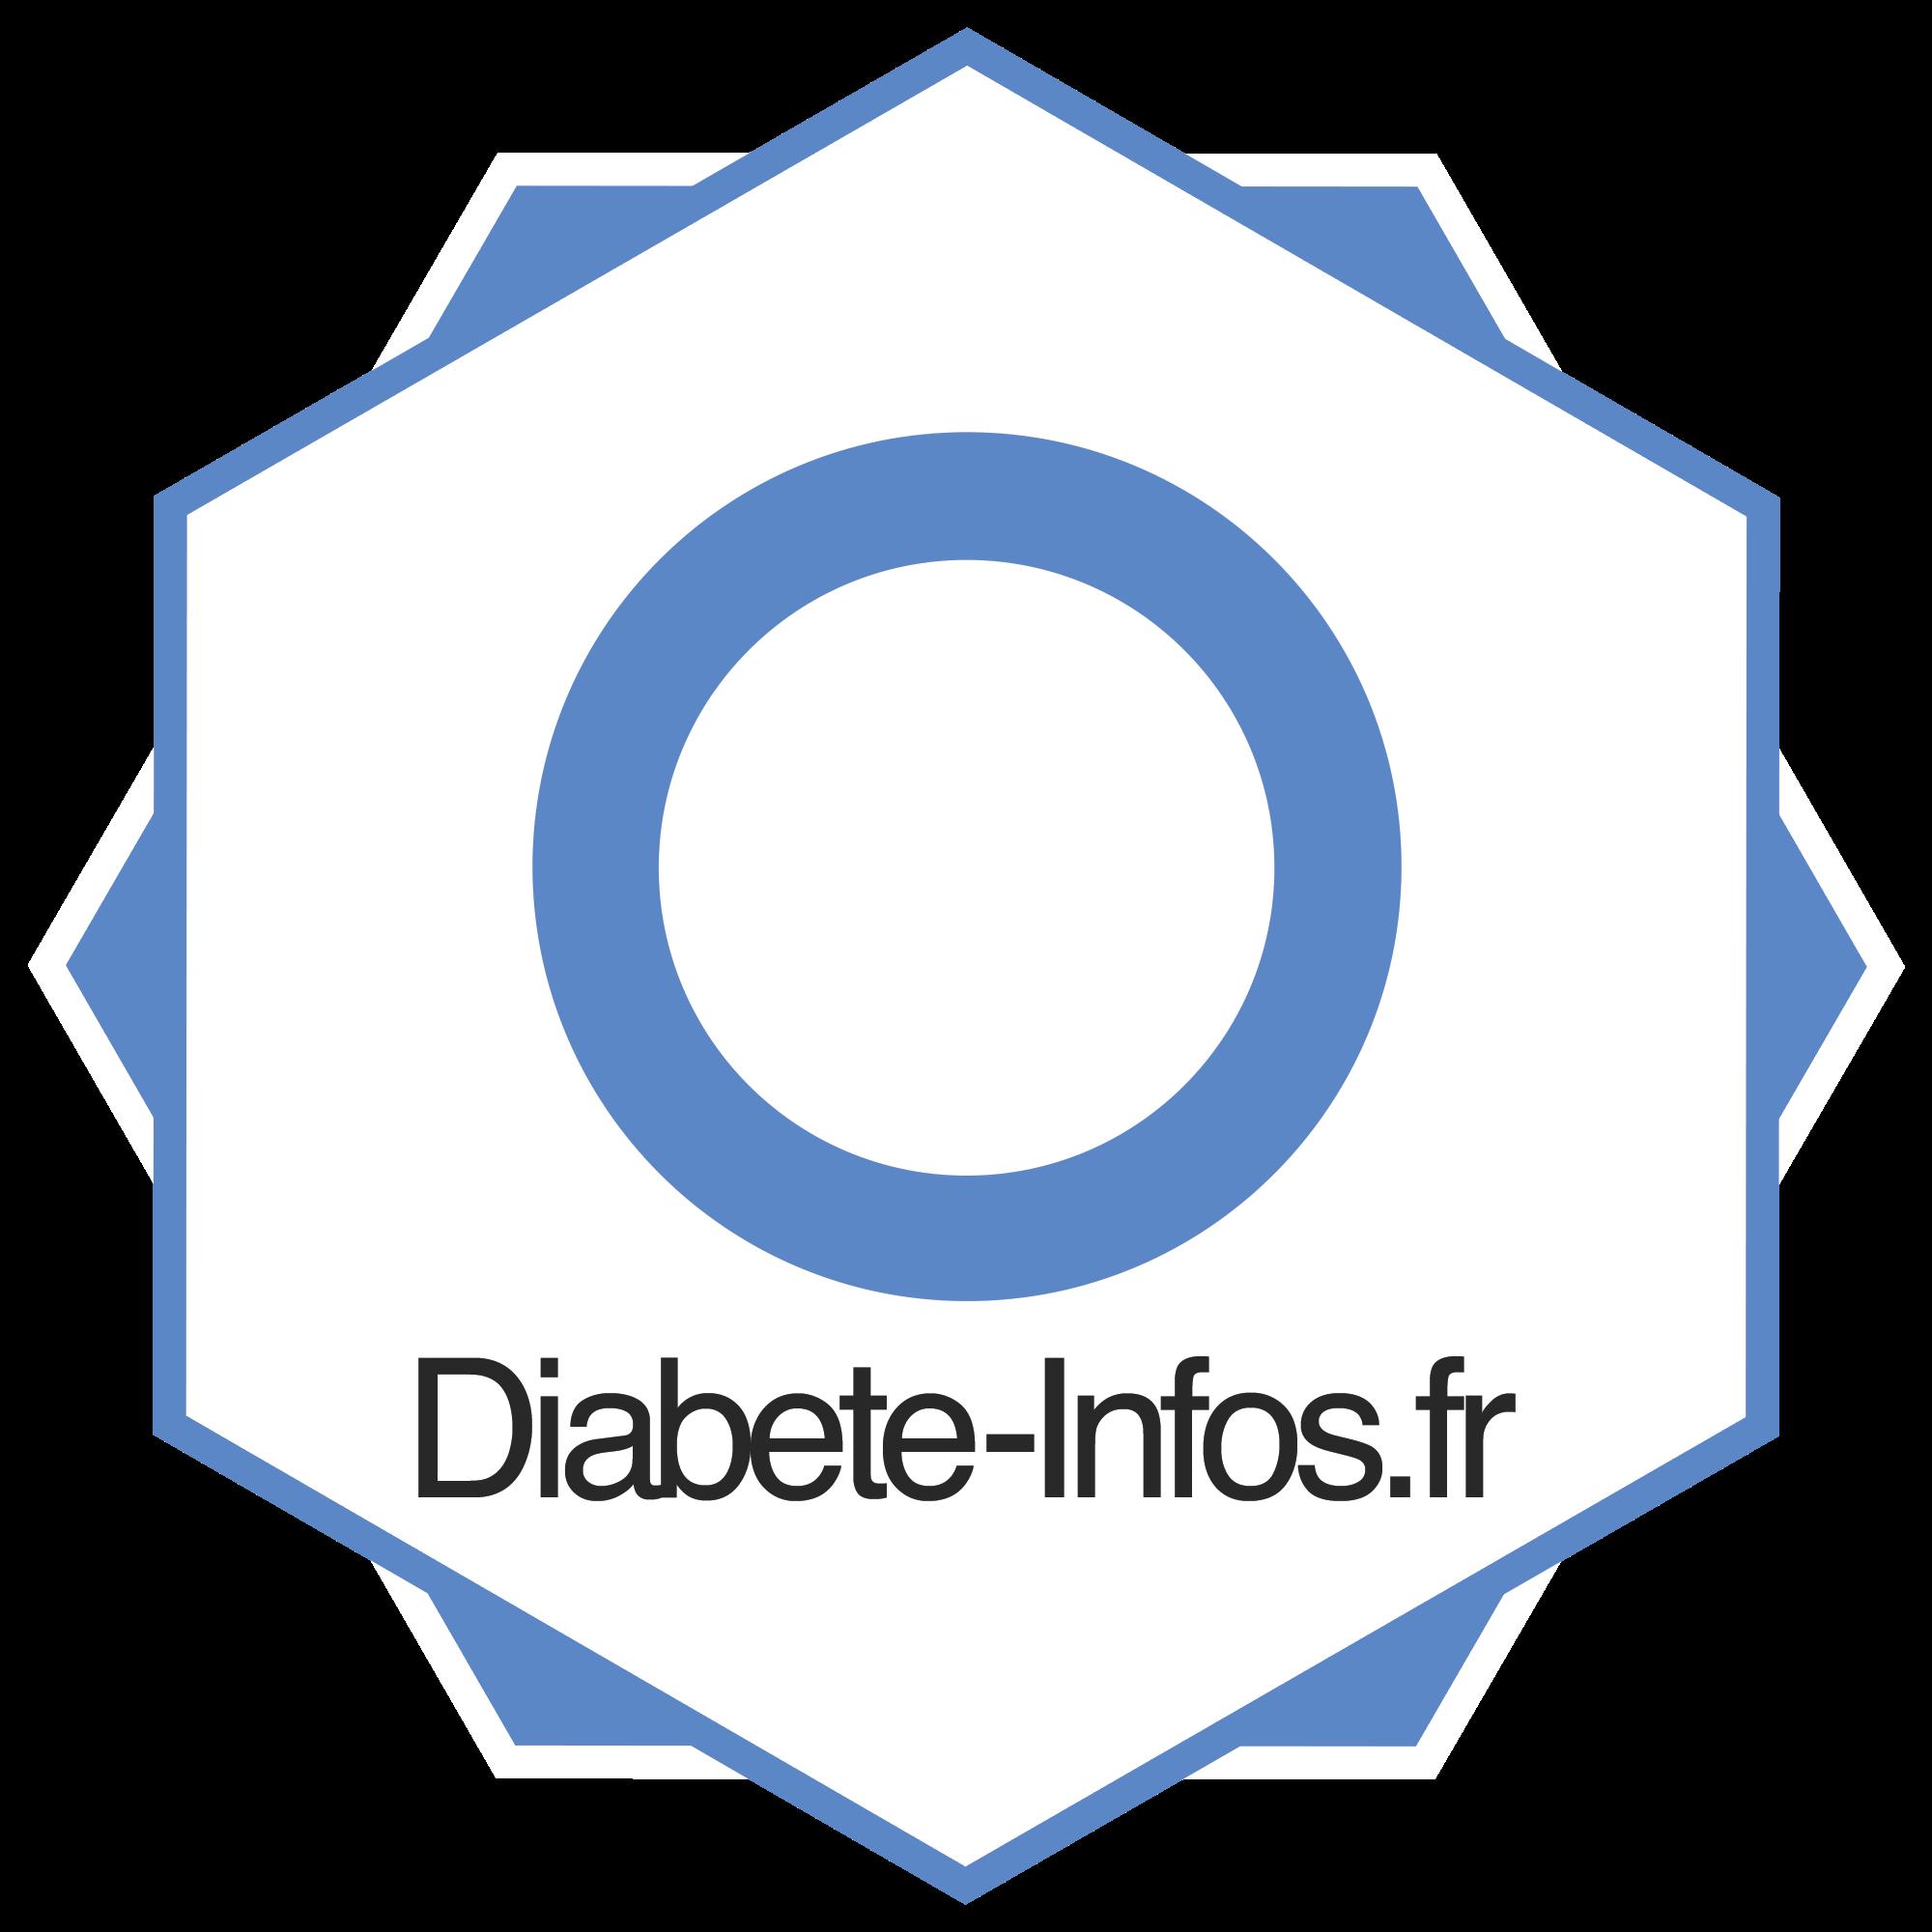 logo diabete infos